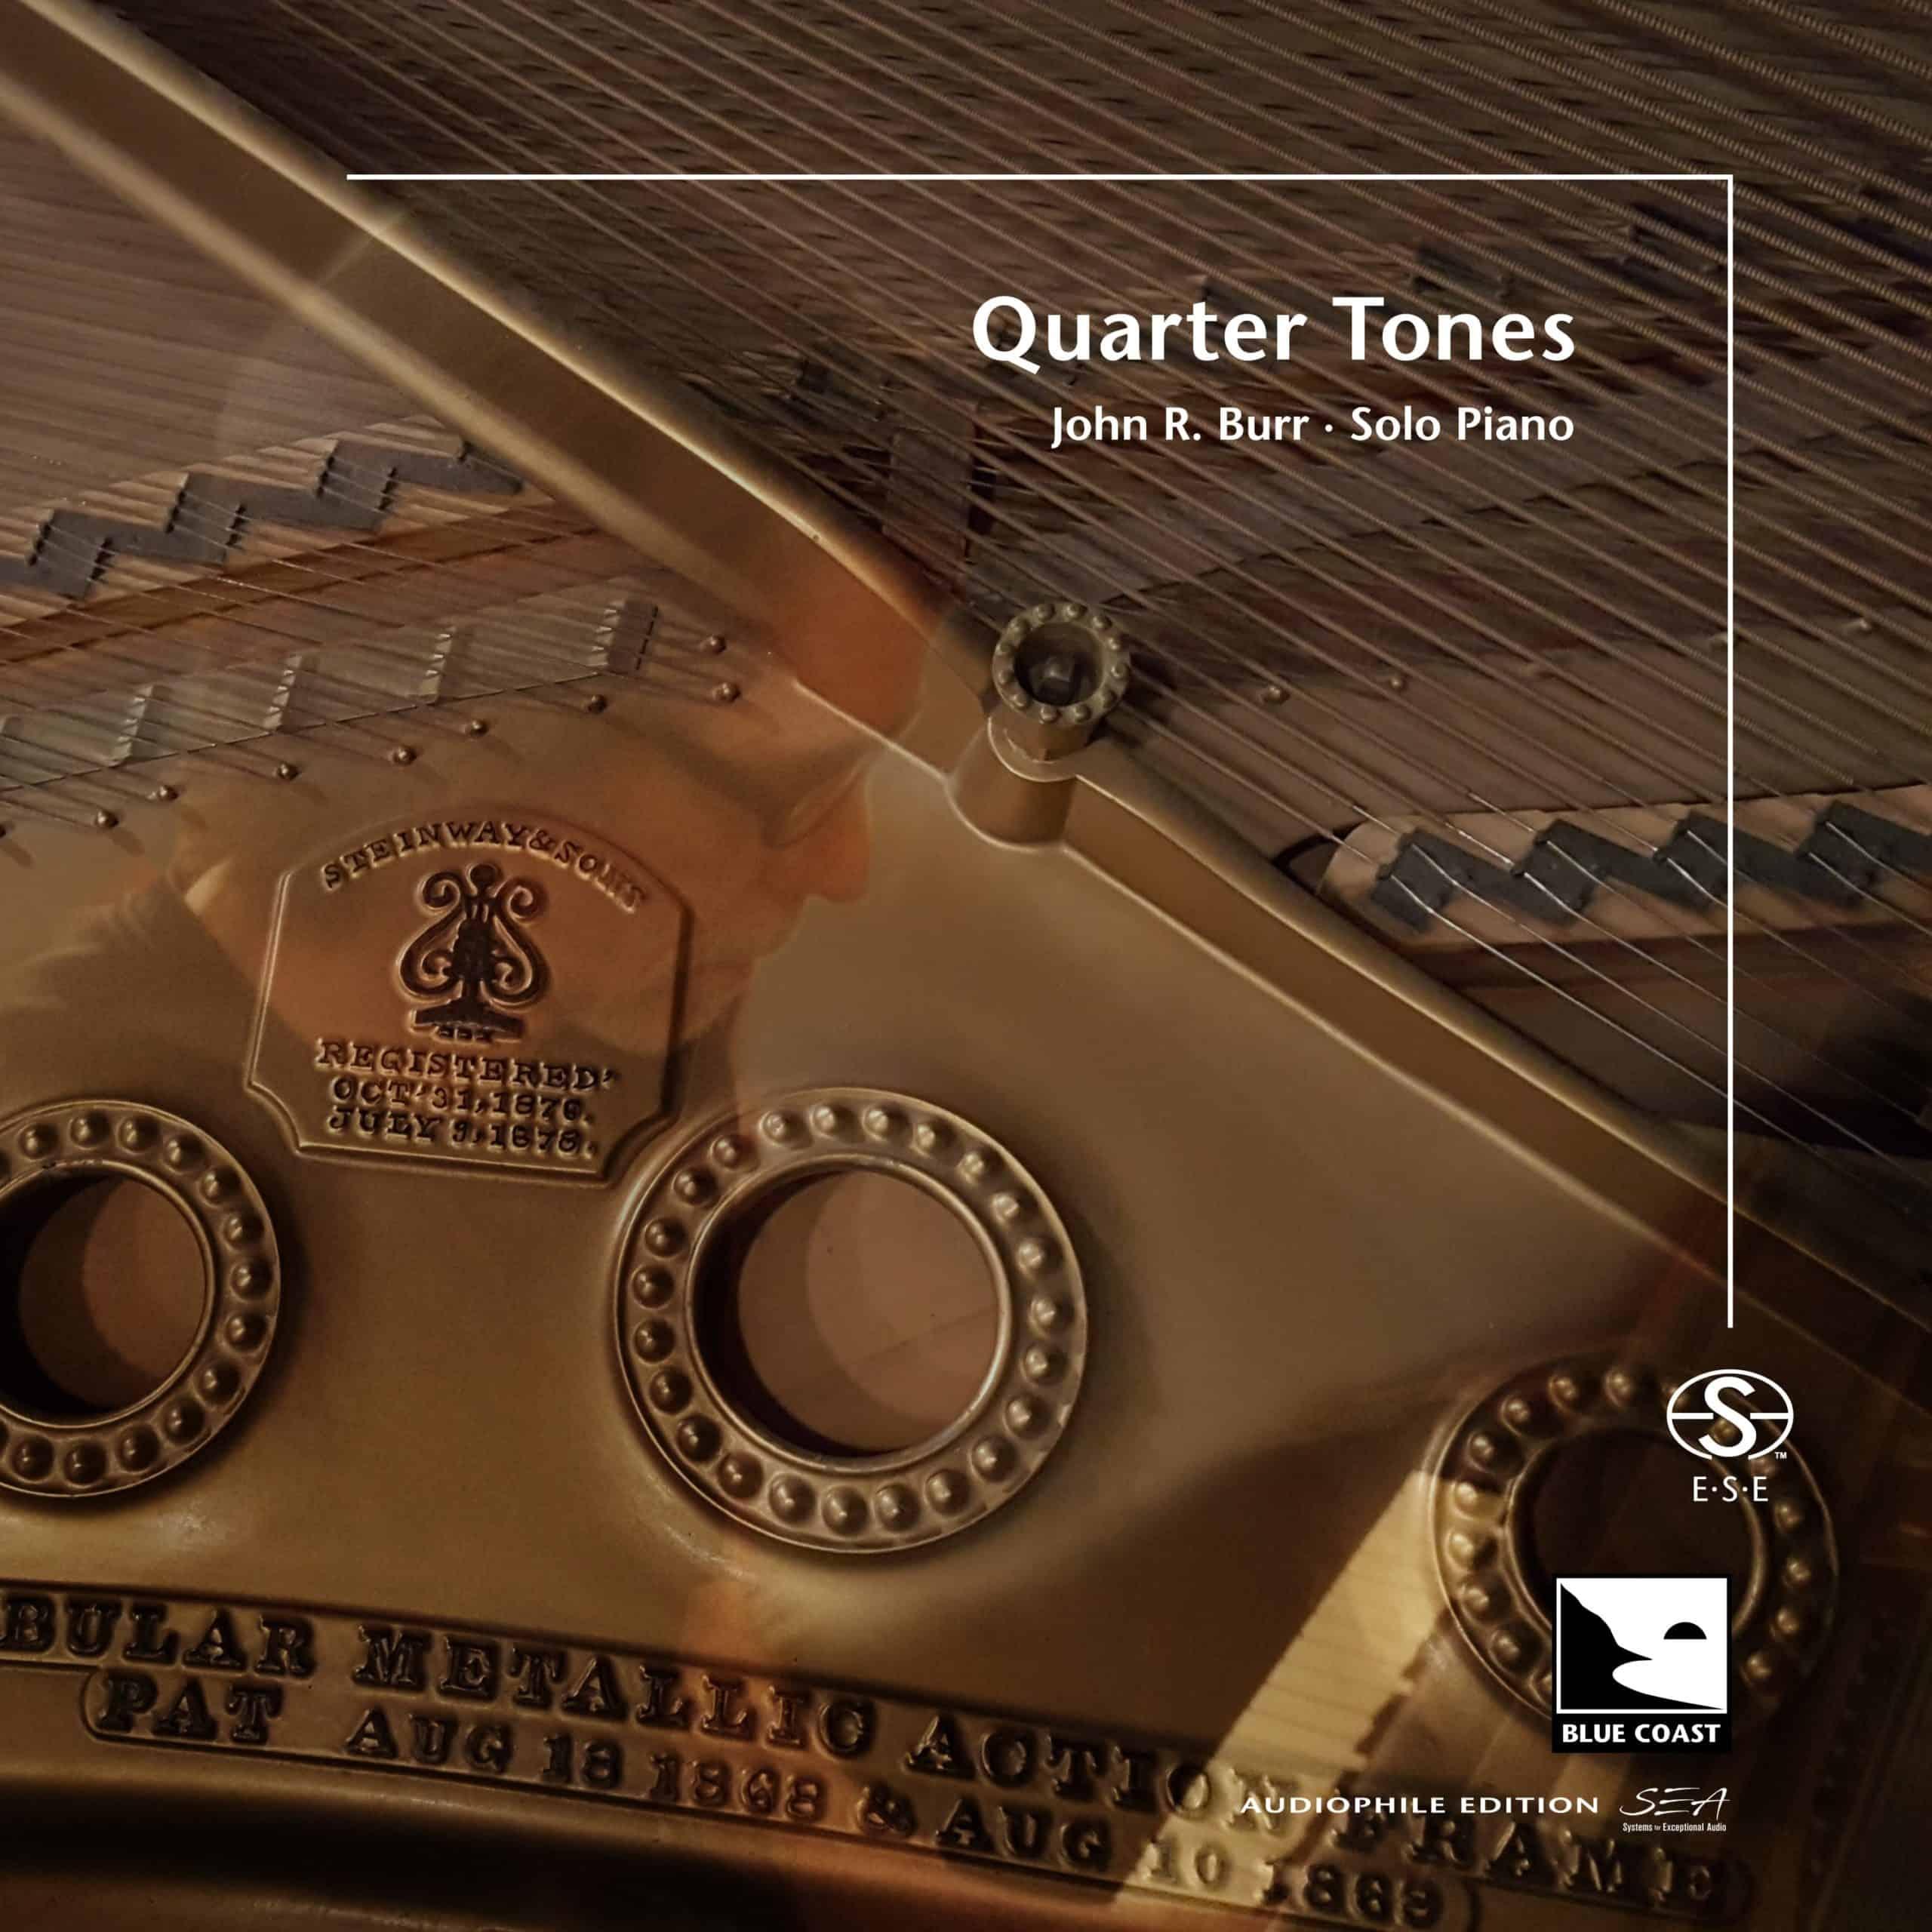 Quarter Tones